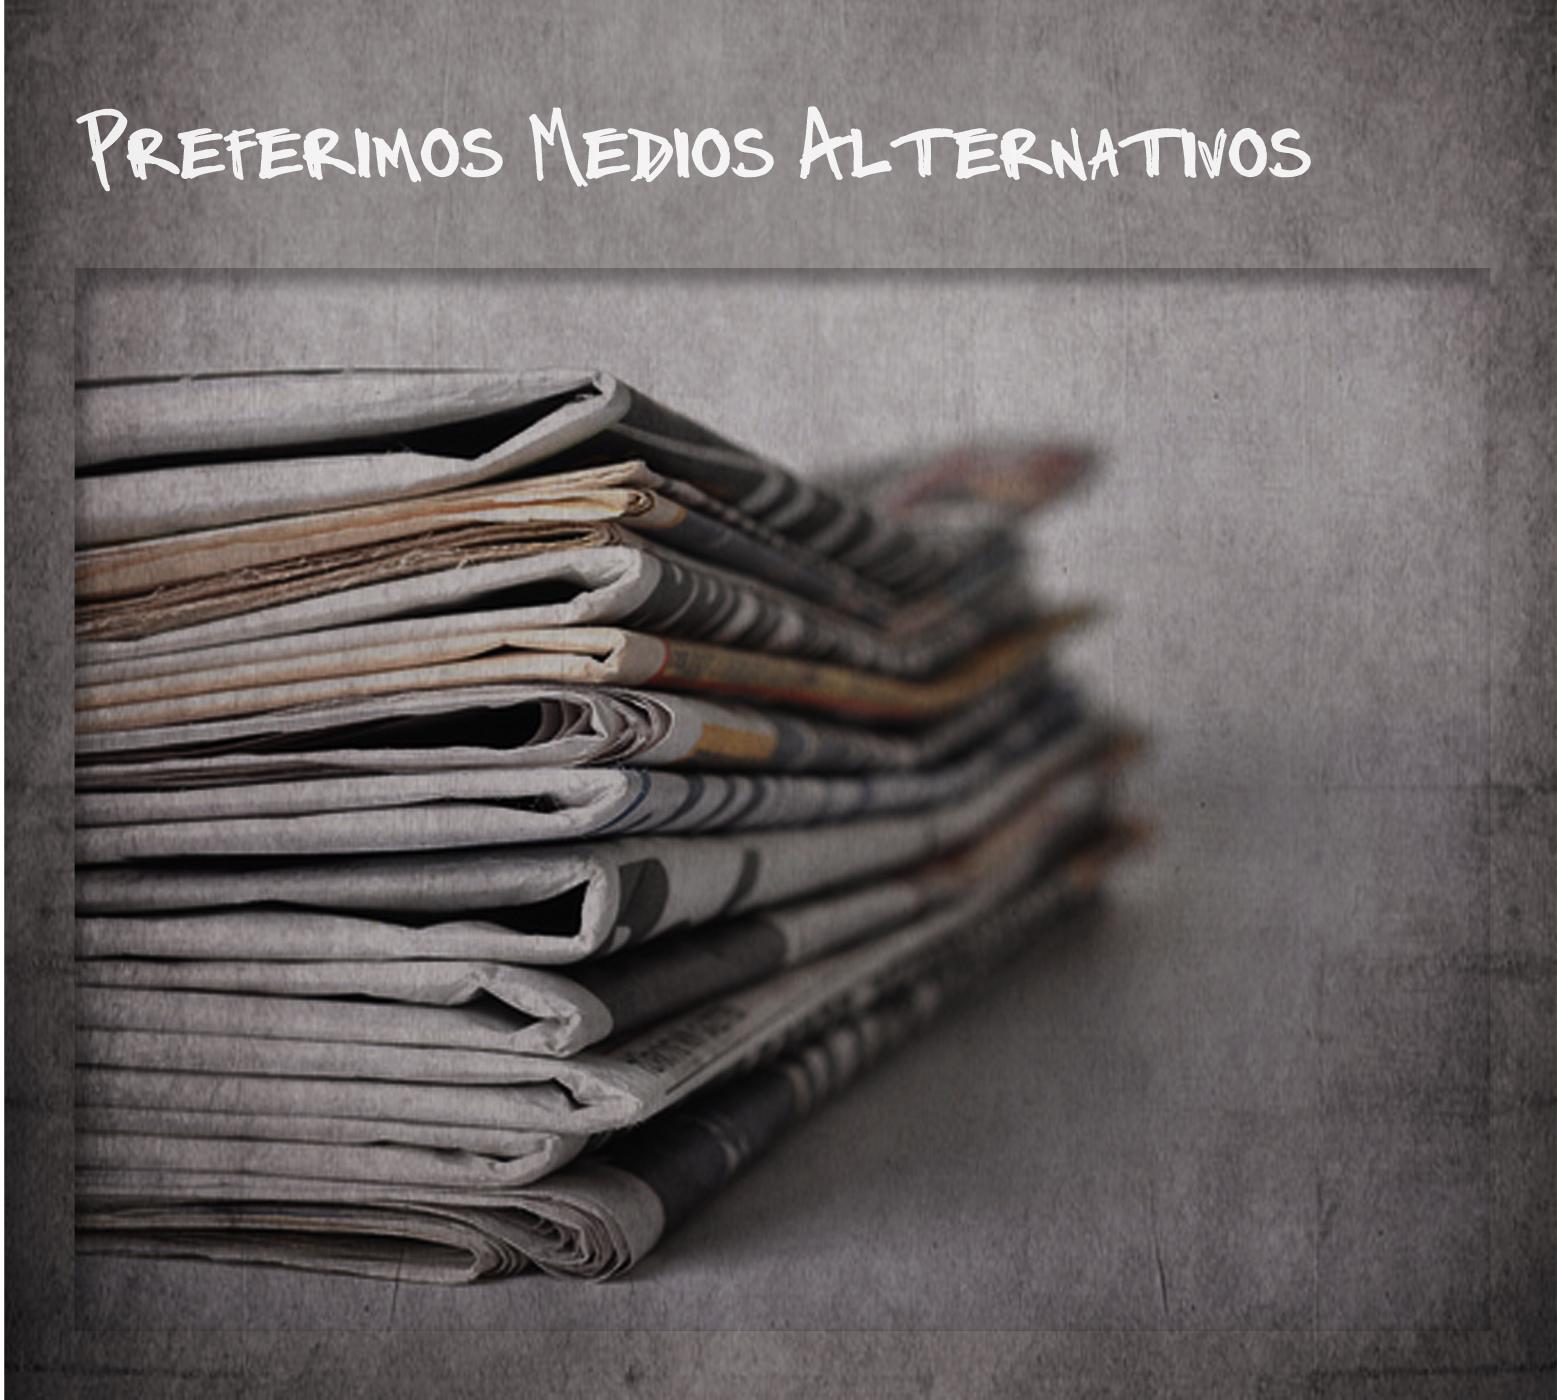 Medios alternativos